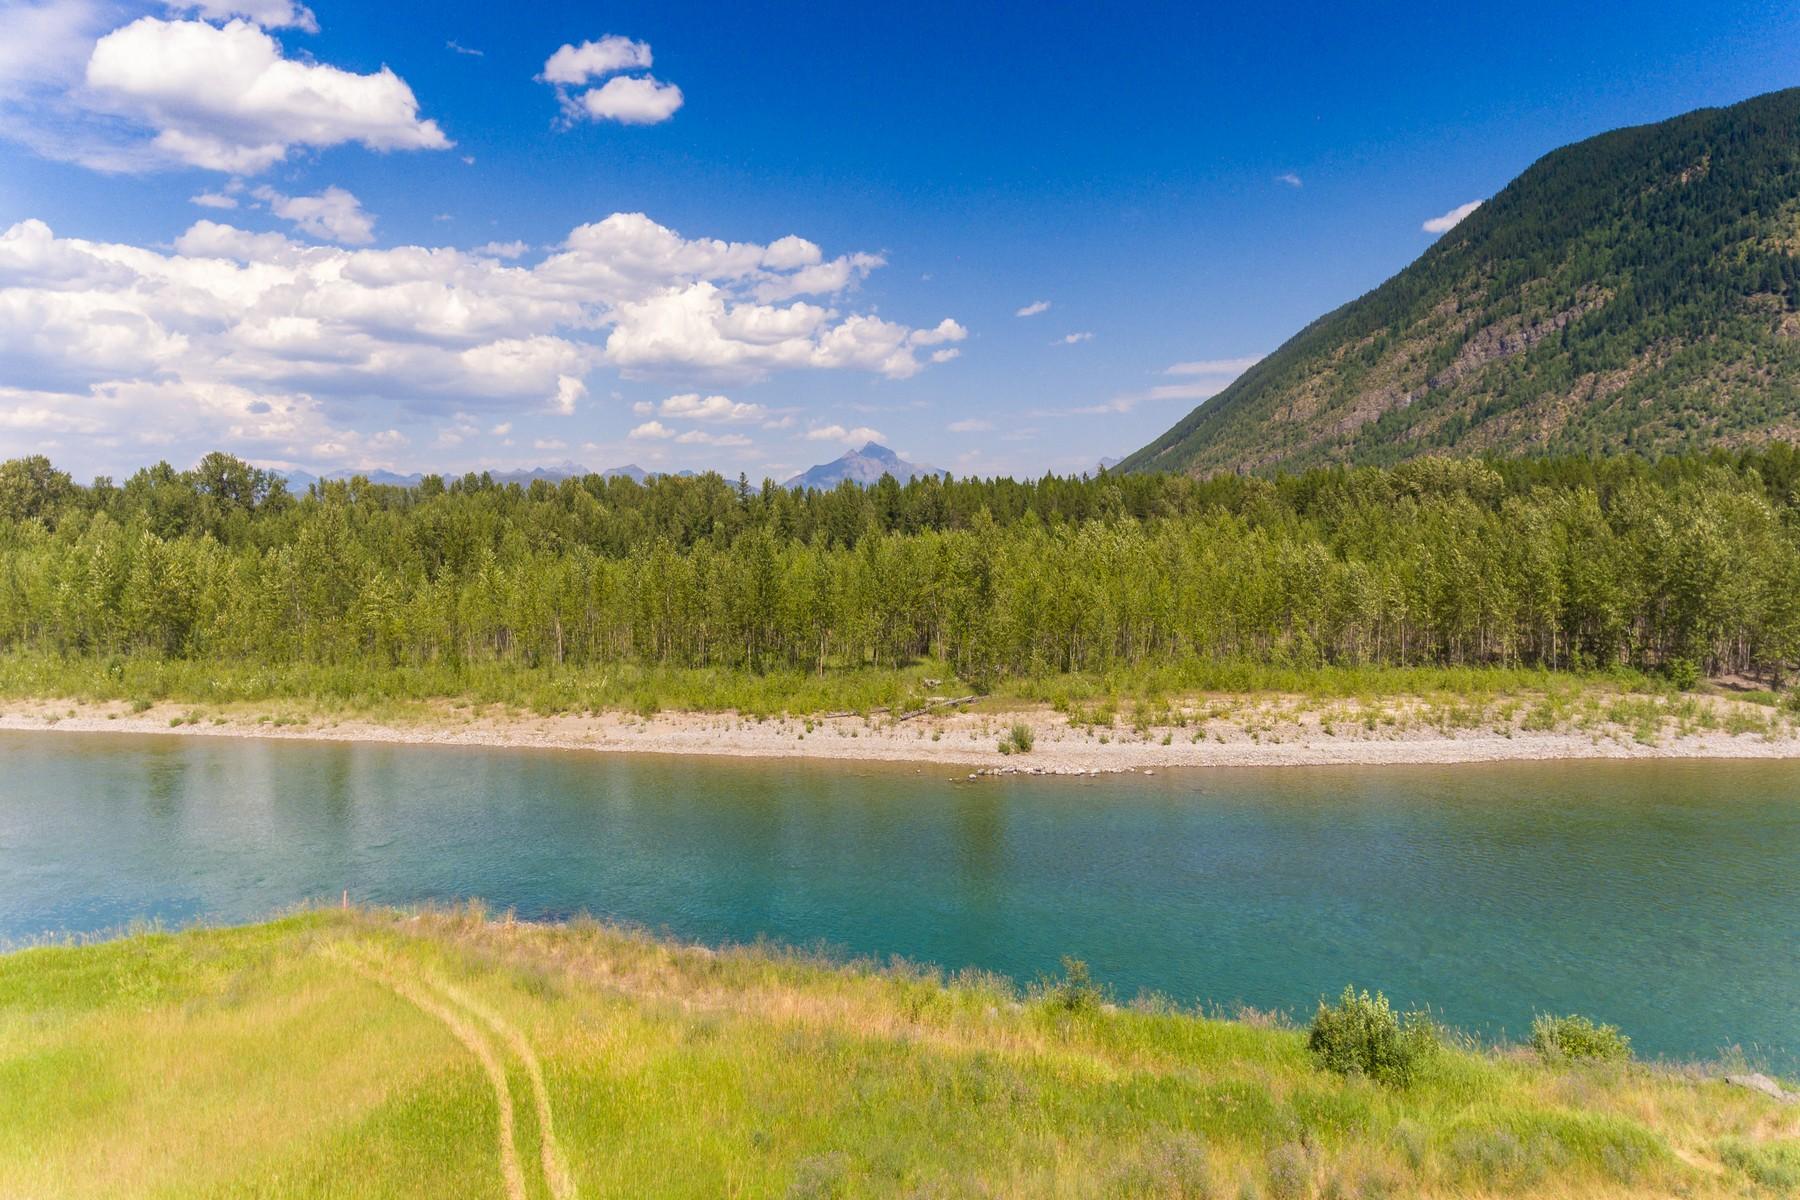 Land for Sale at 770 River Bend Dr , West Glacier, MT 59936 770 River Bend Dr West Glacier, Montana 59936 United States